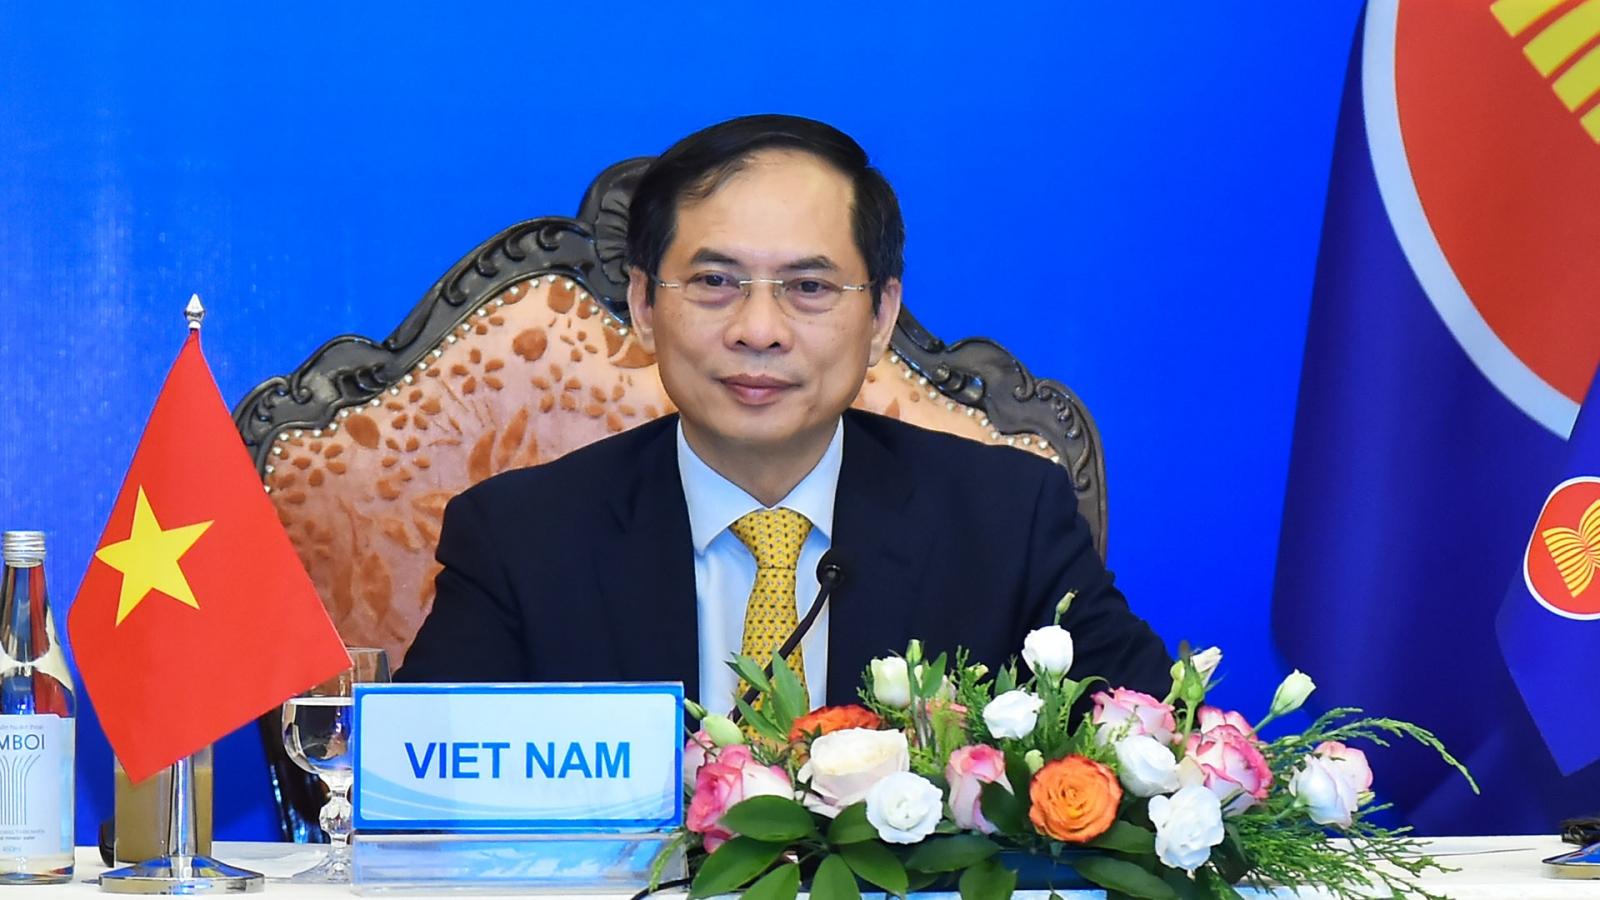 Bộ trưởng Bùi Thanh Sơn: Các nướcchia sẻ lợi ích và trách nhiệm duy trì ổn định Biển Đông